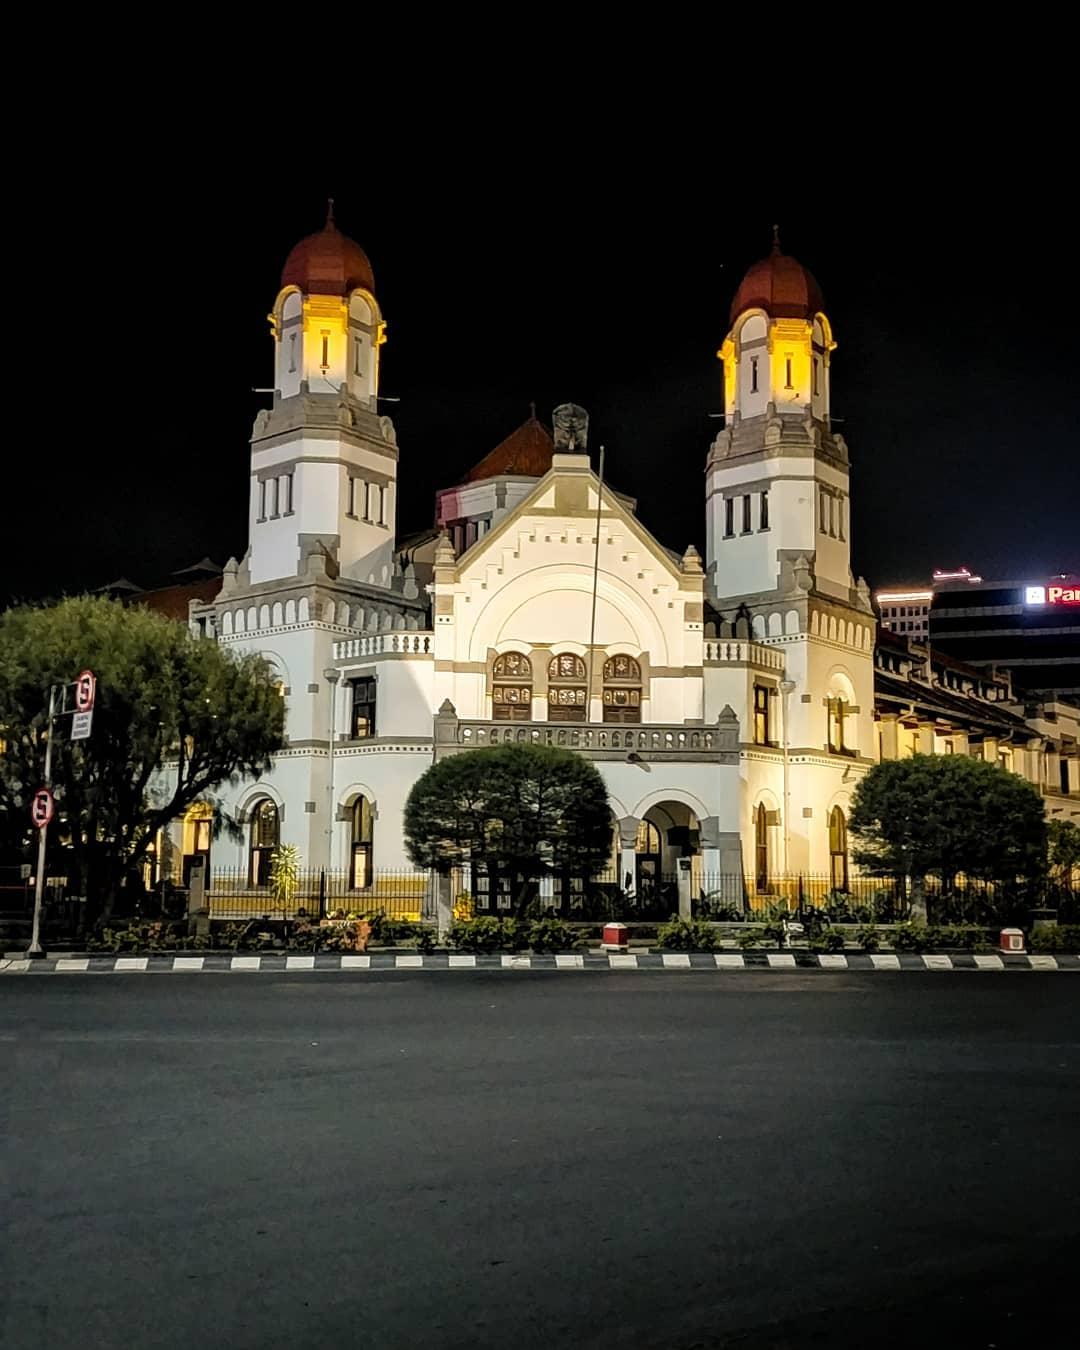 TOP 75 Daftar Tempat Wisata Semarang Yang Hits Dan Menarik 1